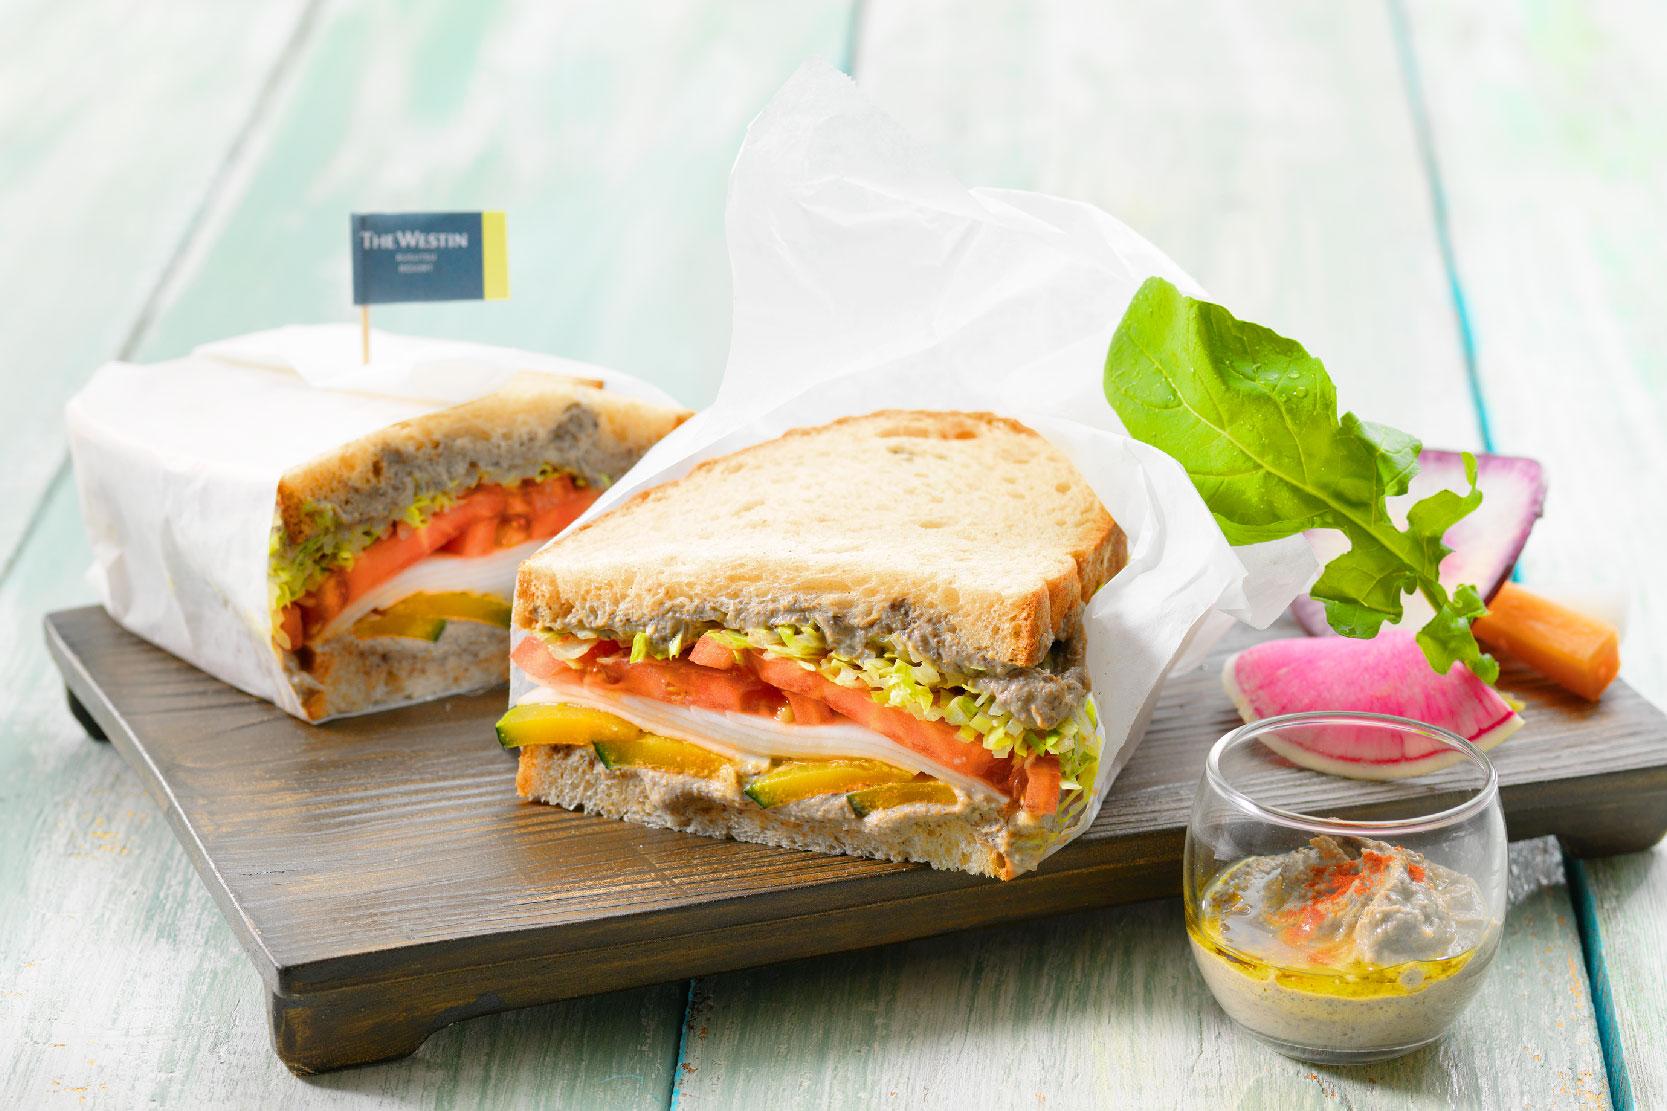 ルスツ野菜のサンドイッチ 羊蹄山麓のハムス添え